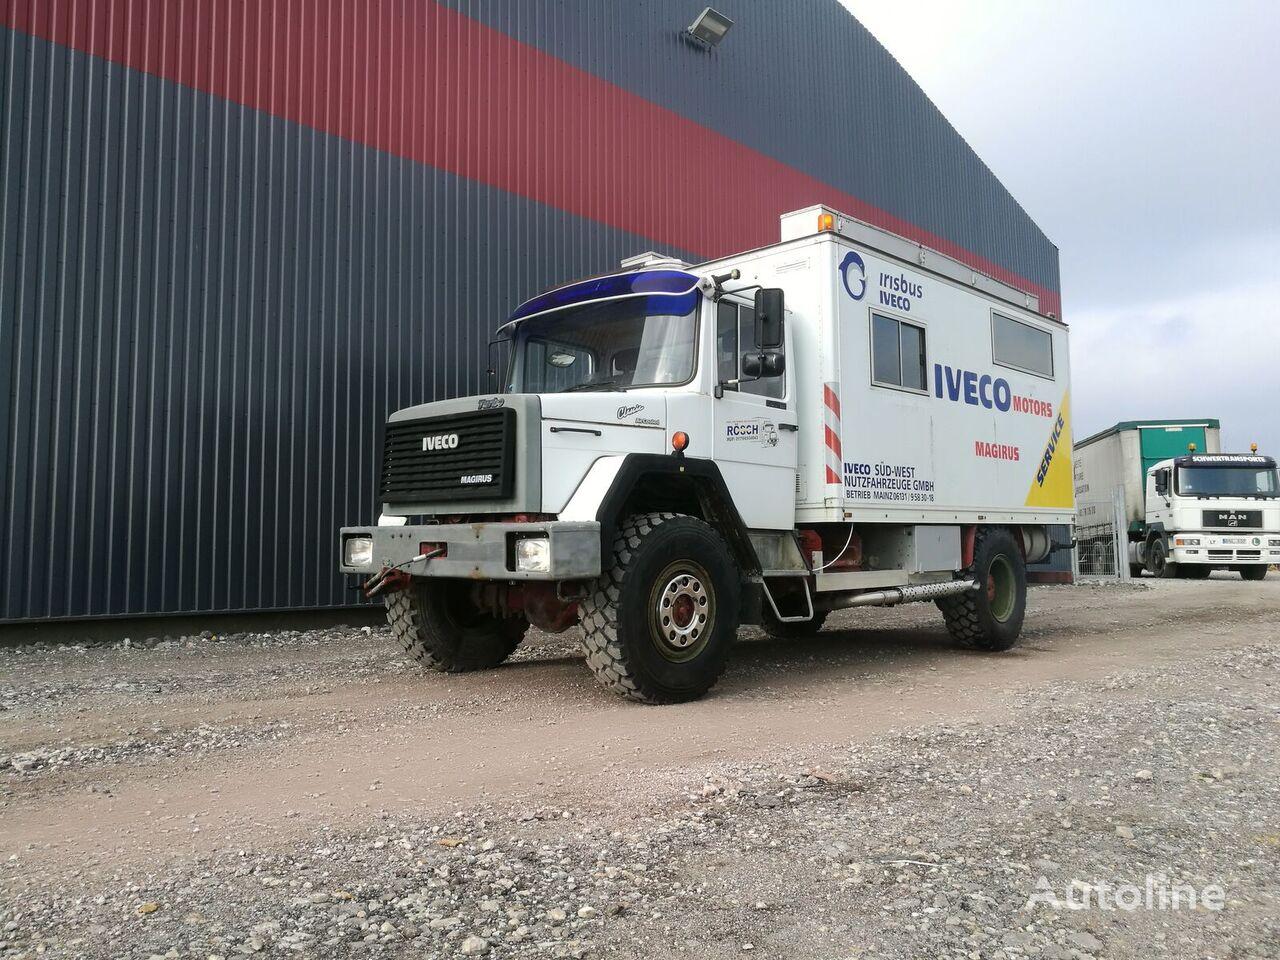 sunkvežimis furgonas IVECO 120E16 4x4 Expedition truck